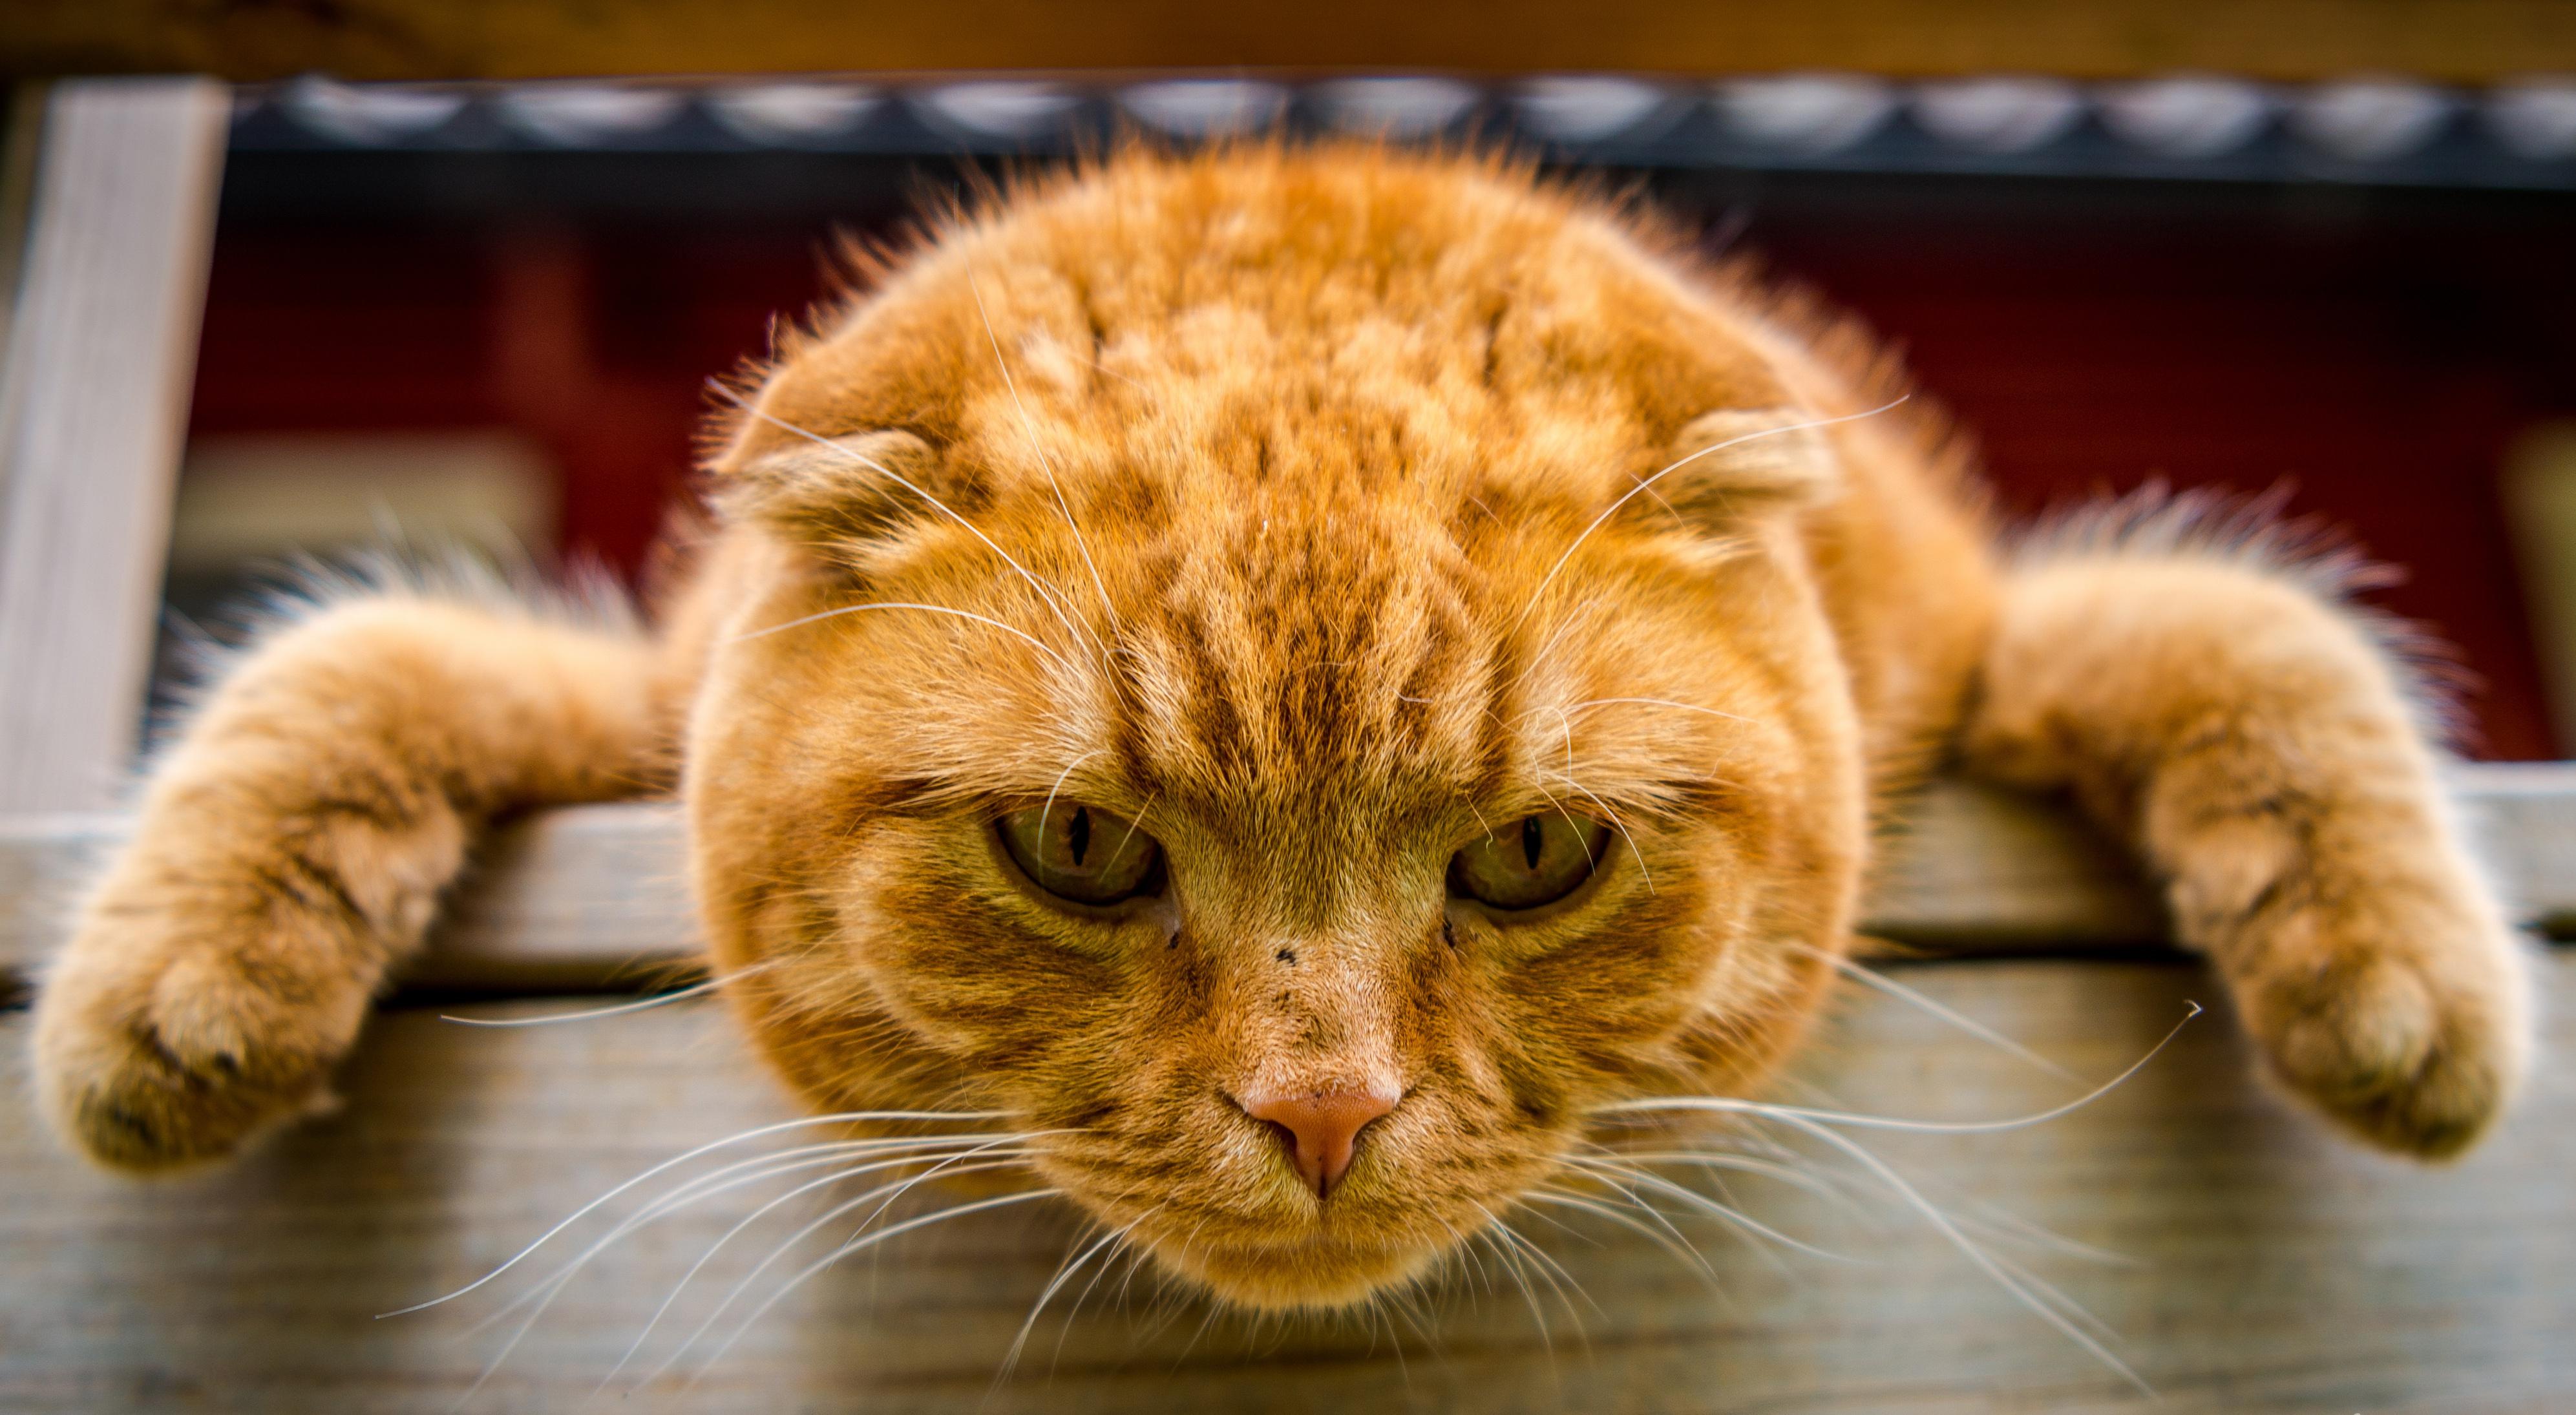 вдруг картинки прикольные кошки большое разрешение приехали